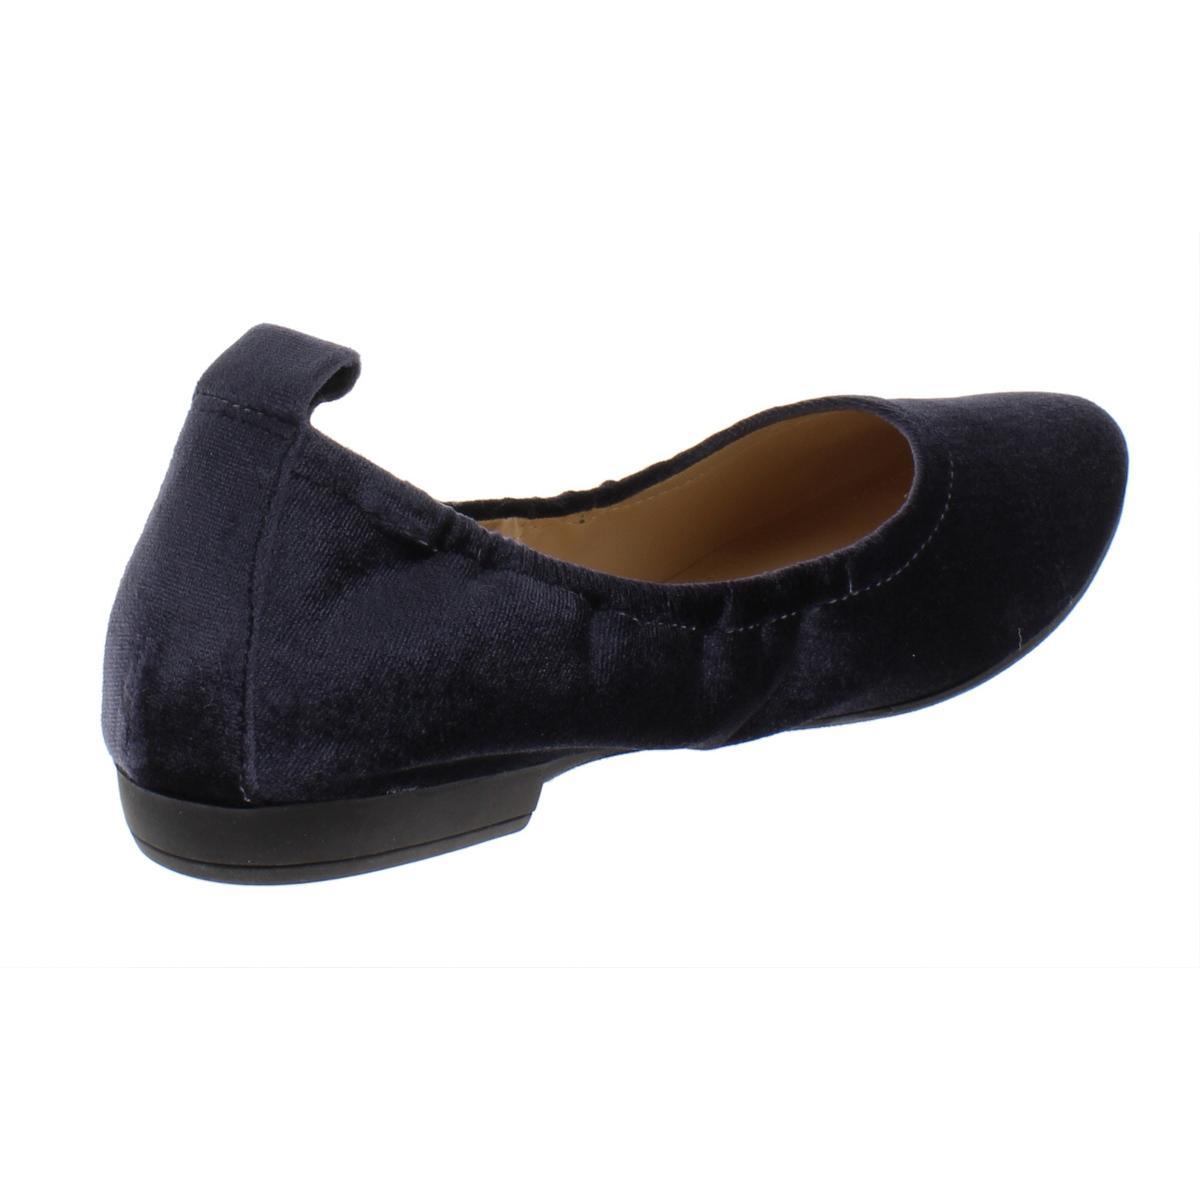 Nine-West-Womens-Garnham-7-Velvet-Slip-On-Round-Toe-Ballet-Flats-Shoes-BHFO-9719 thumbnail 6